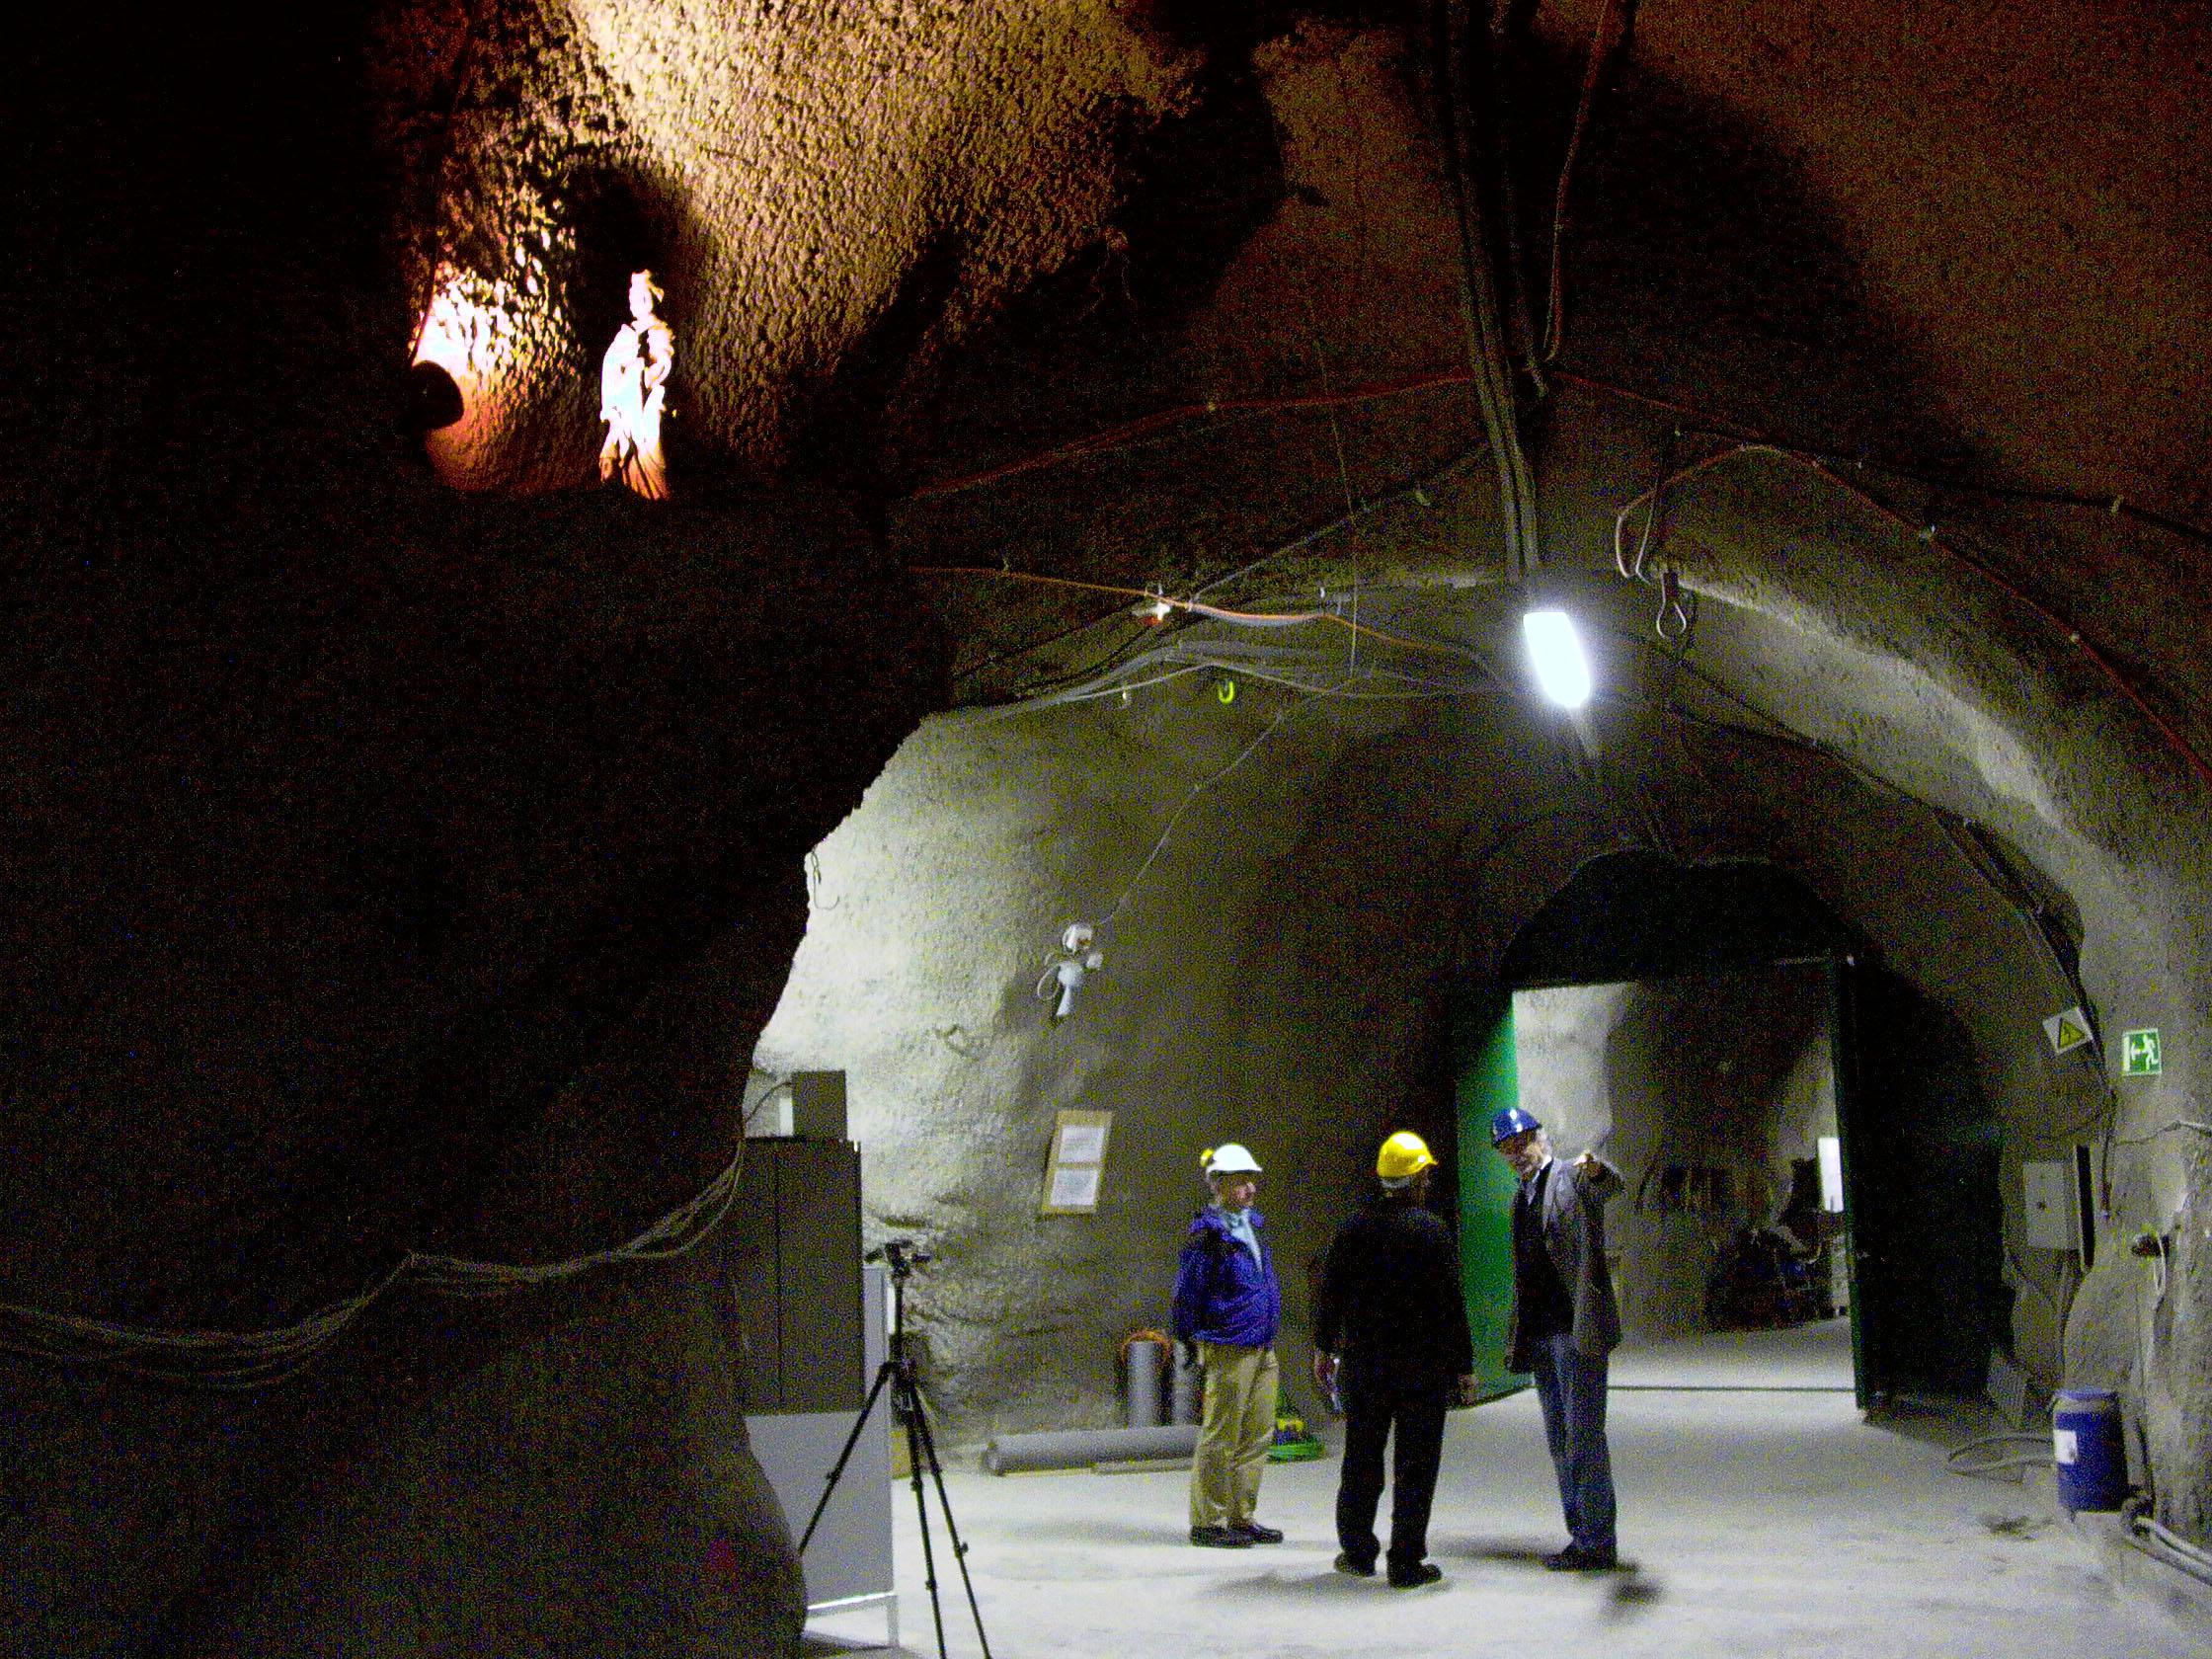 تـُستحدم في المشروع الكثير من تقنيات الحفر والقطع المتقدِّمة، لكن المعتقدات القديمة تظل موجودة: تمثال للقديسة باربارا، الحامية للعاملين في المناجم، ترقُـبُ من فوق سير الأشغال